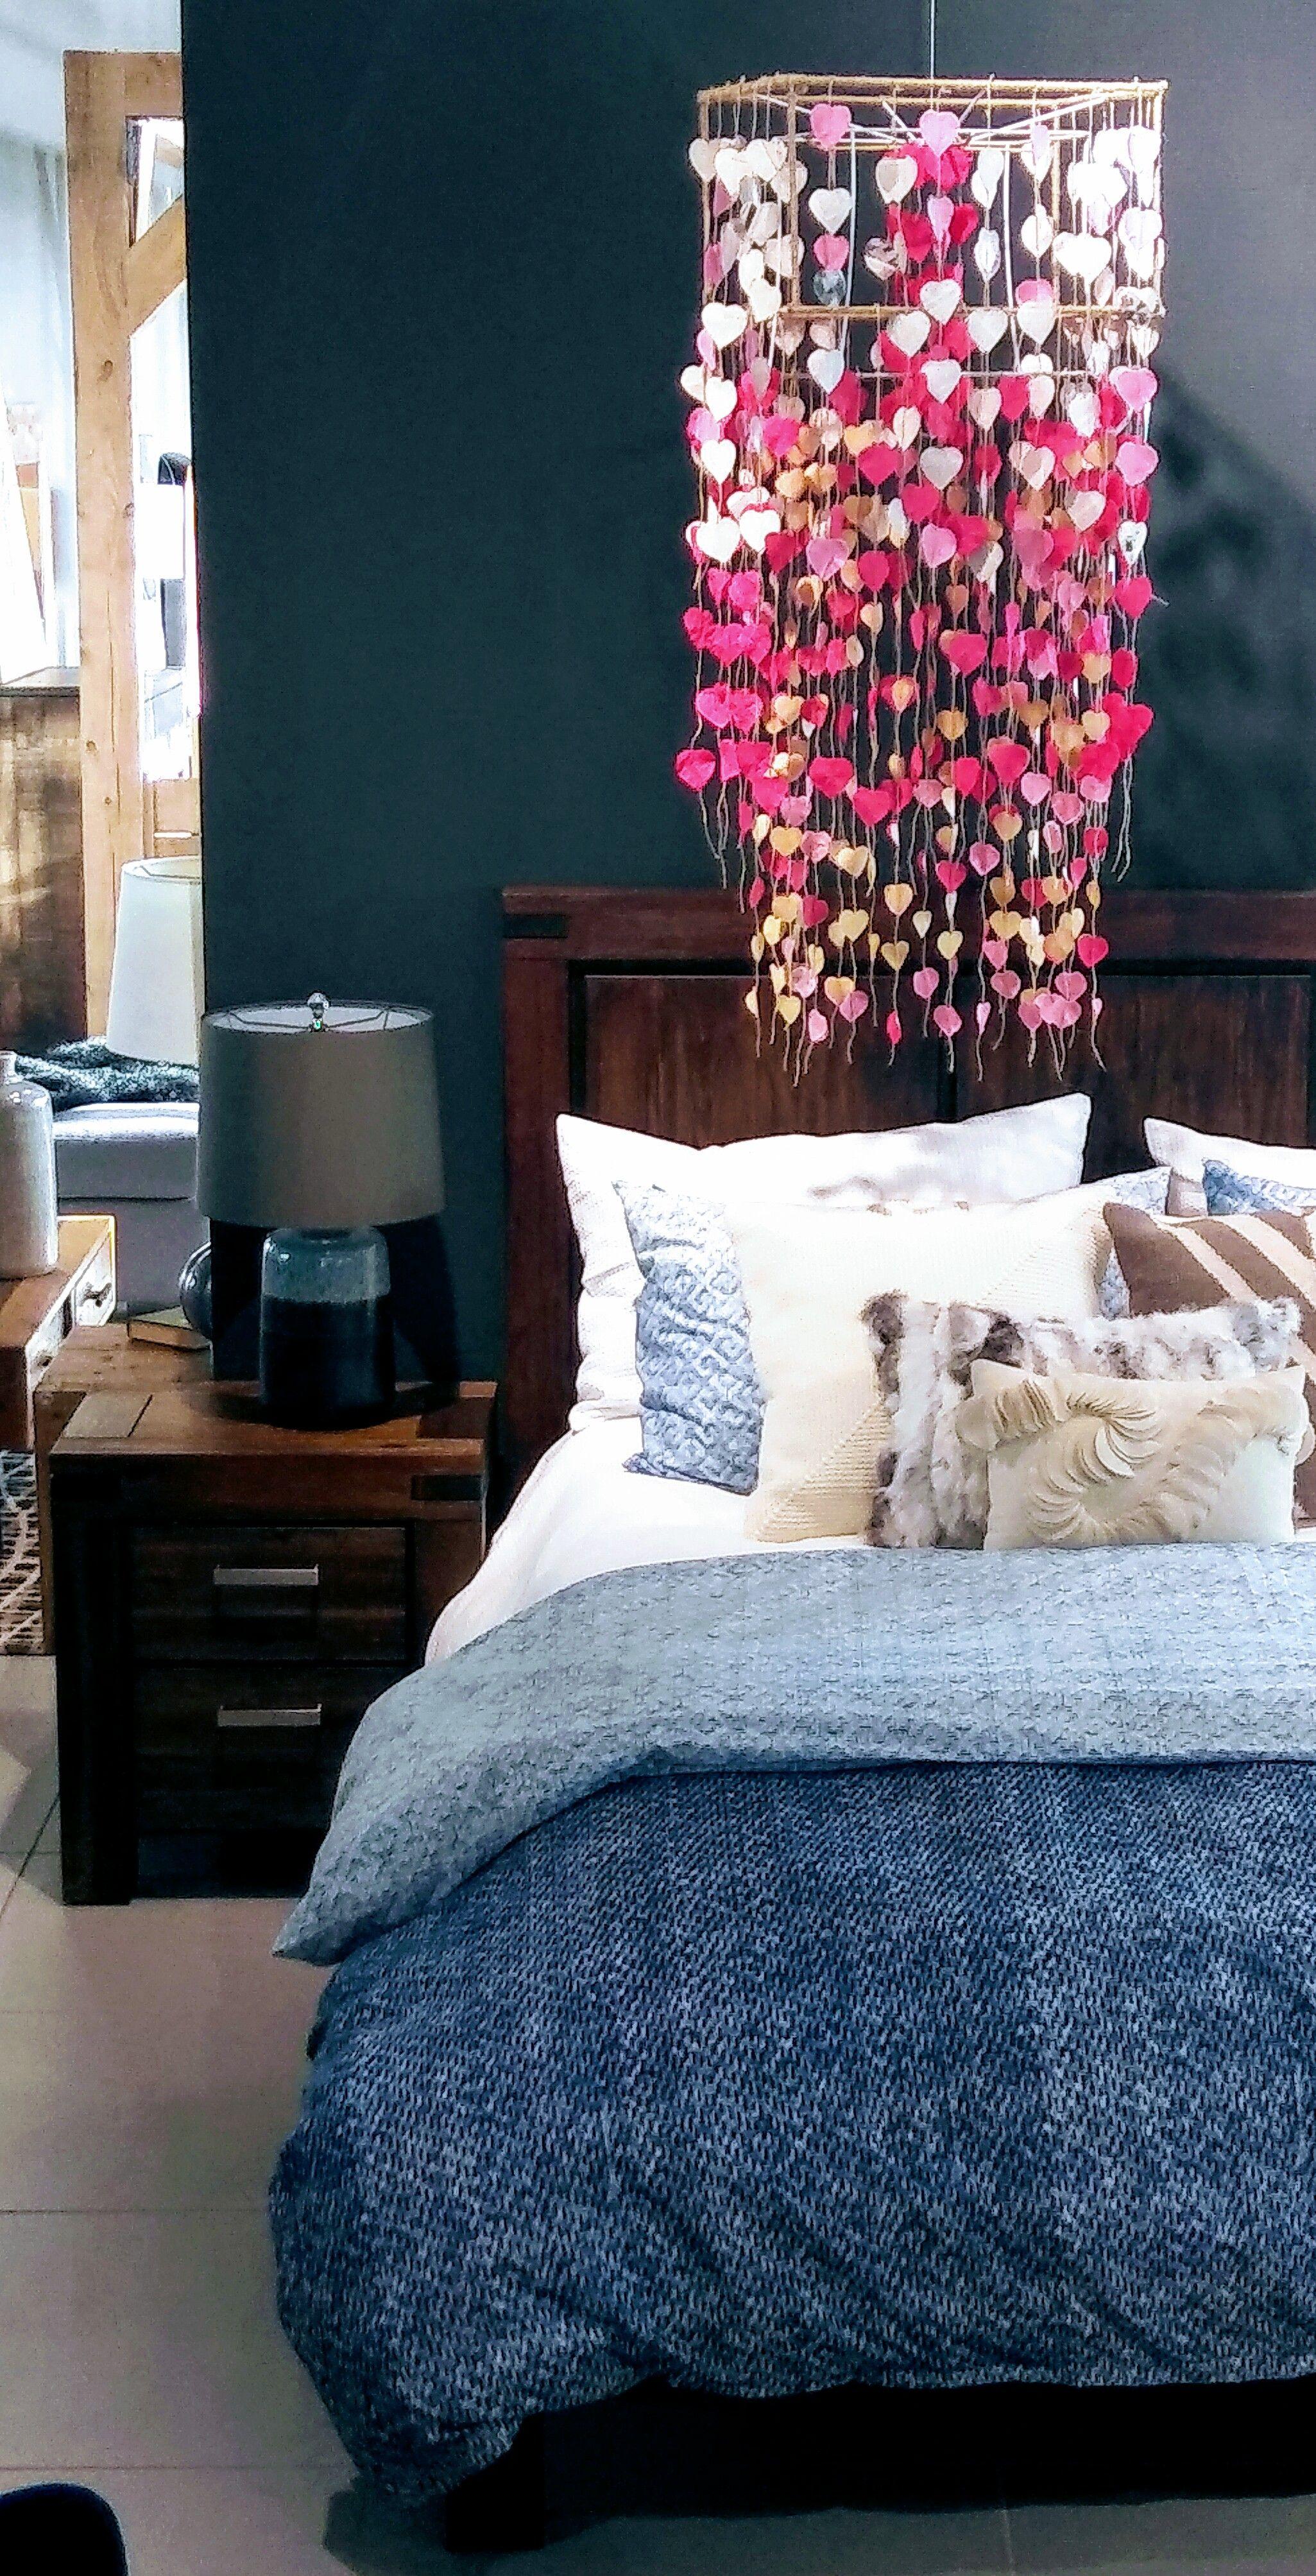 Voici Une Chambre Chaleureuse Qui Presente Un Lit En Bois Un Lustre En Coeur Et Une Peinture Bleu Nuit Qui Inspire La Detente Cozy Room Home Decor Wooden Bed